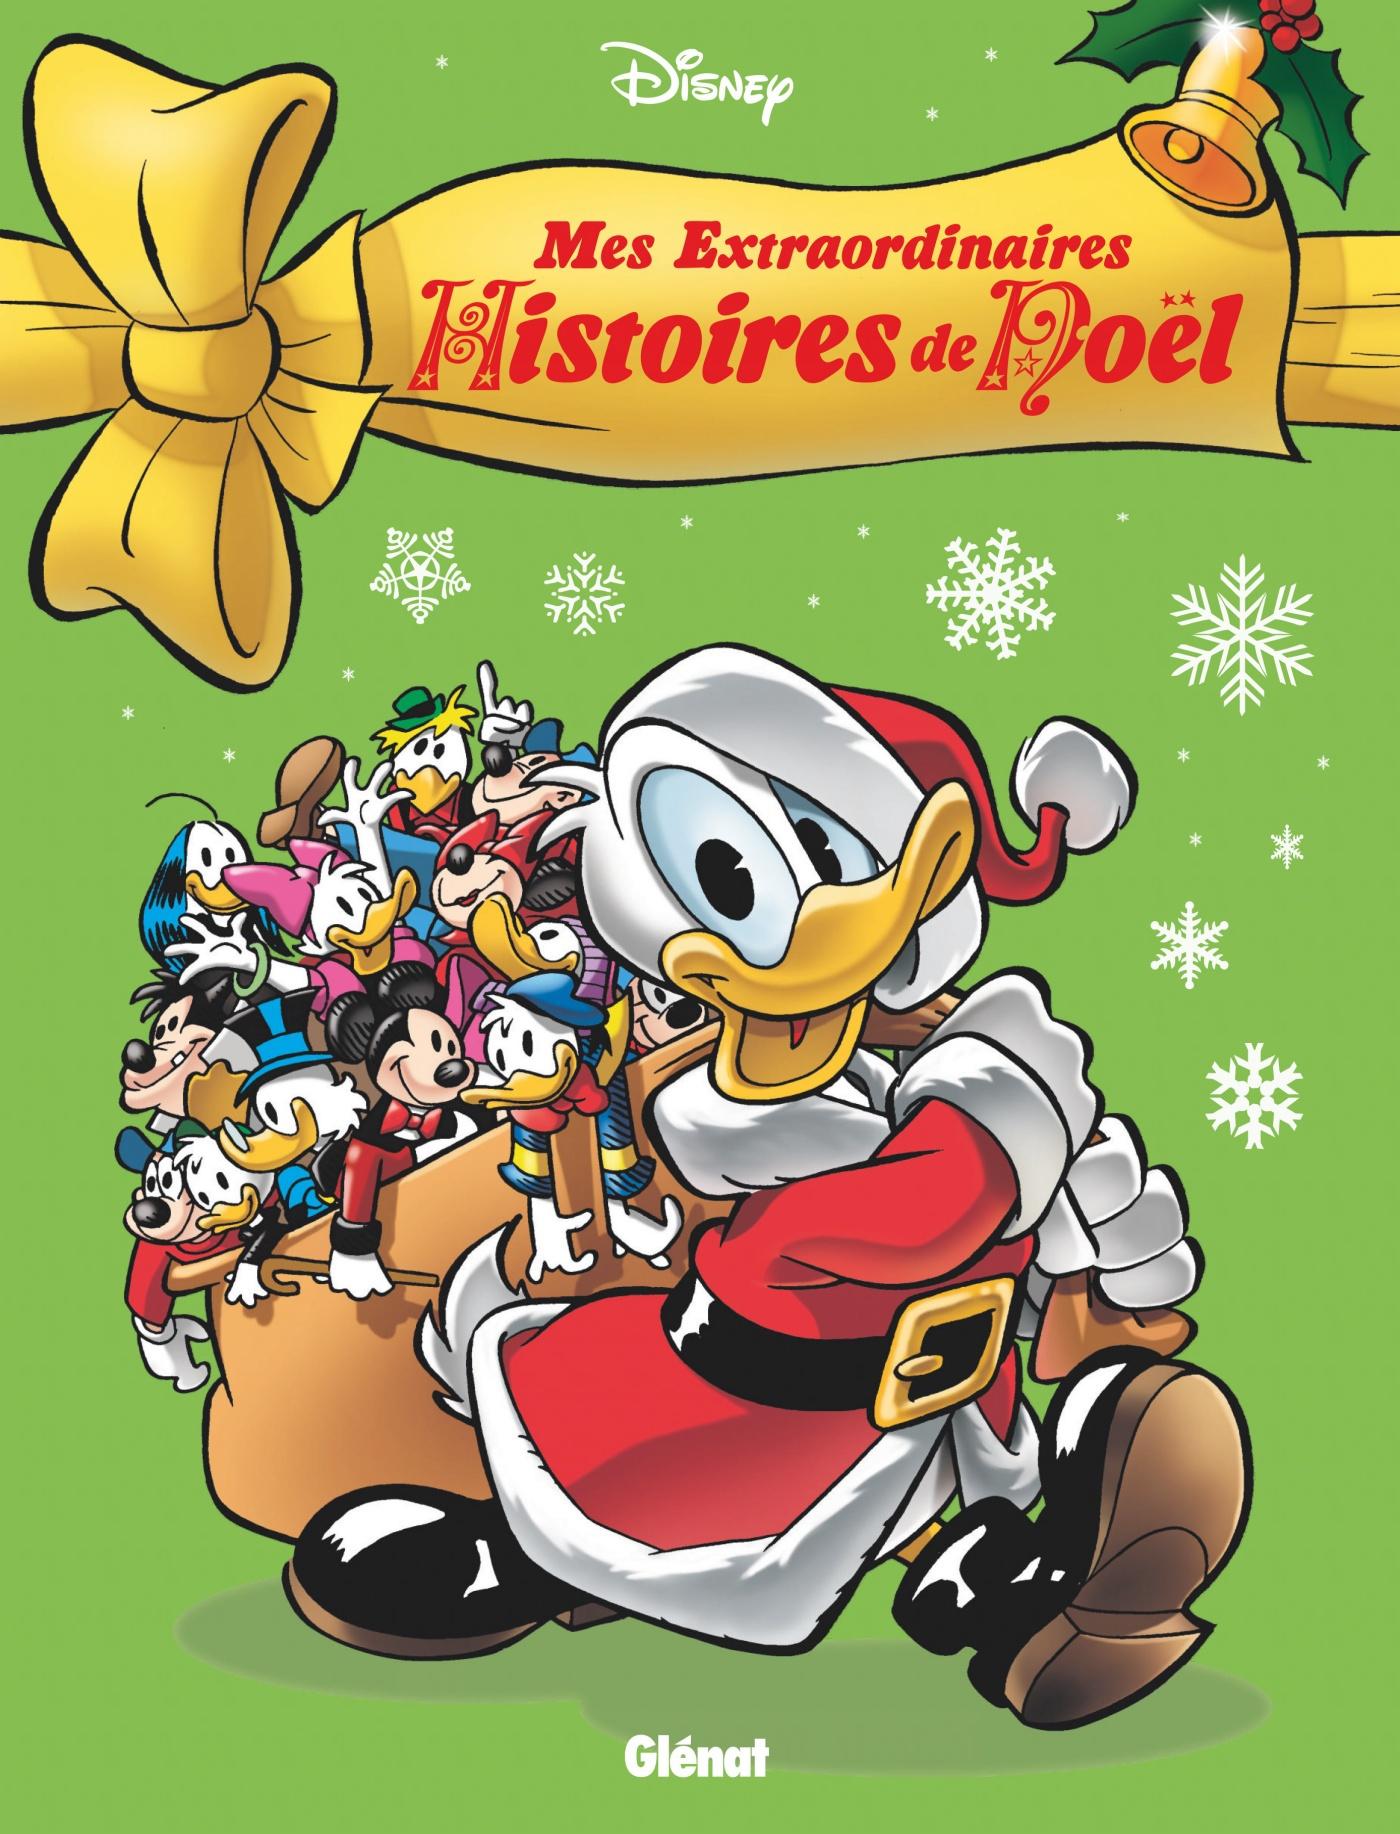 mes-extraordinaires-histoires-de-noel-comics-volume-1-tpb-hardcover-cartonnee-269033